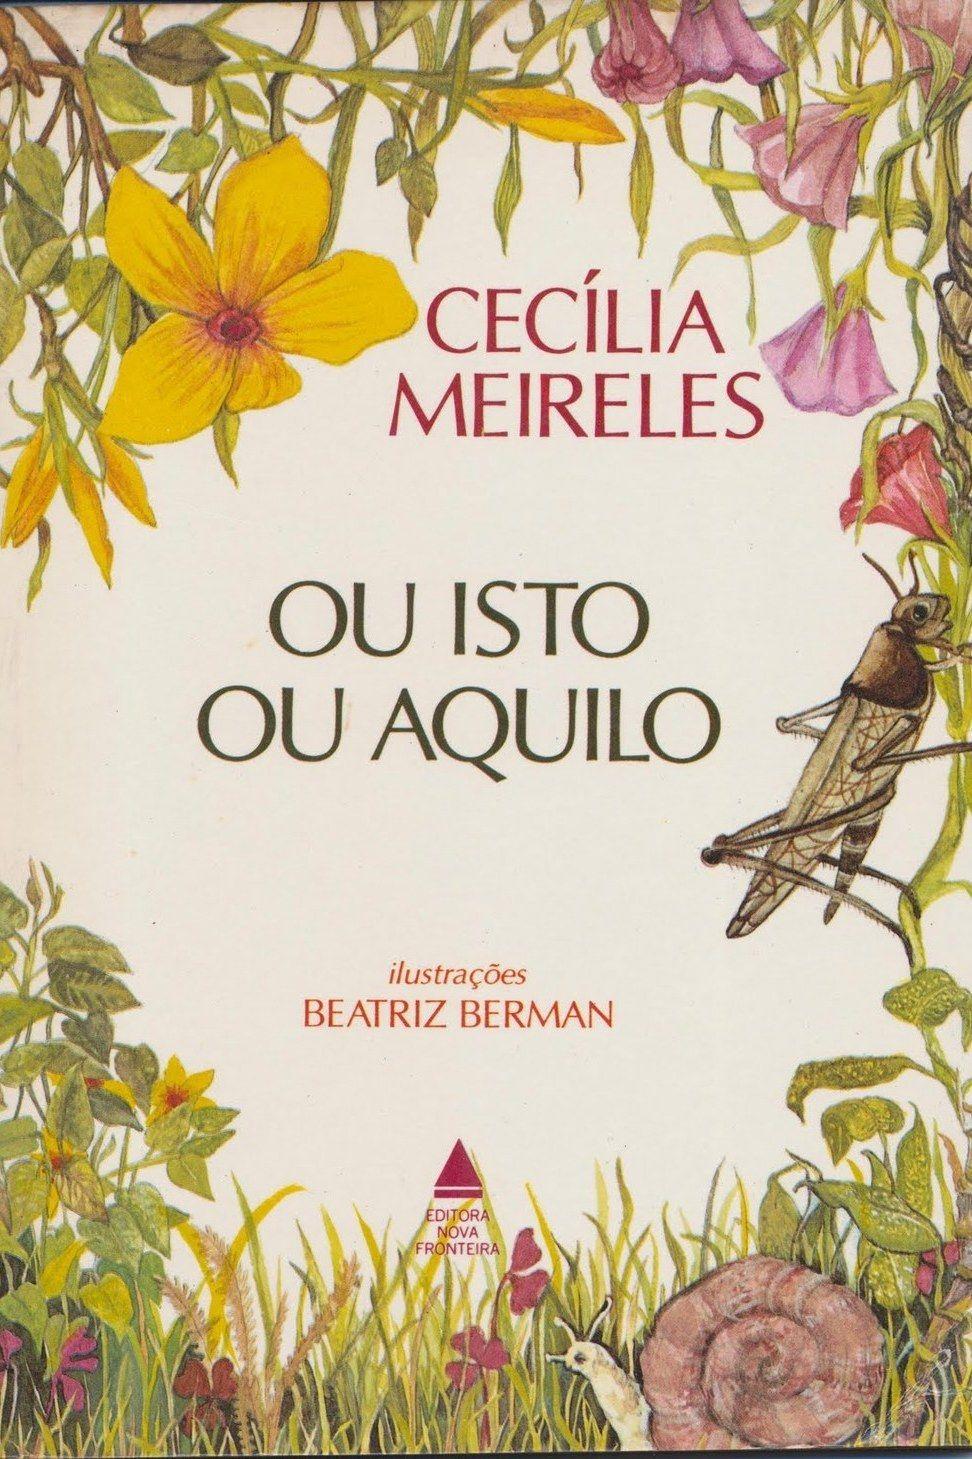 Ou Isto Ou Aquilo Cecilia Meireles Livros De Historias Infantis